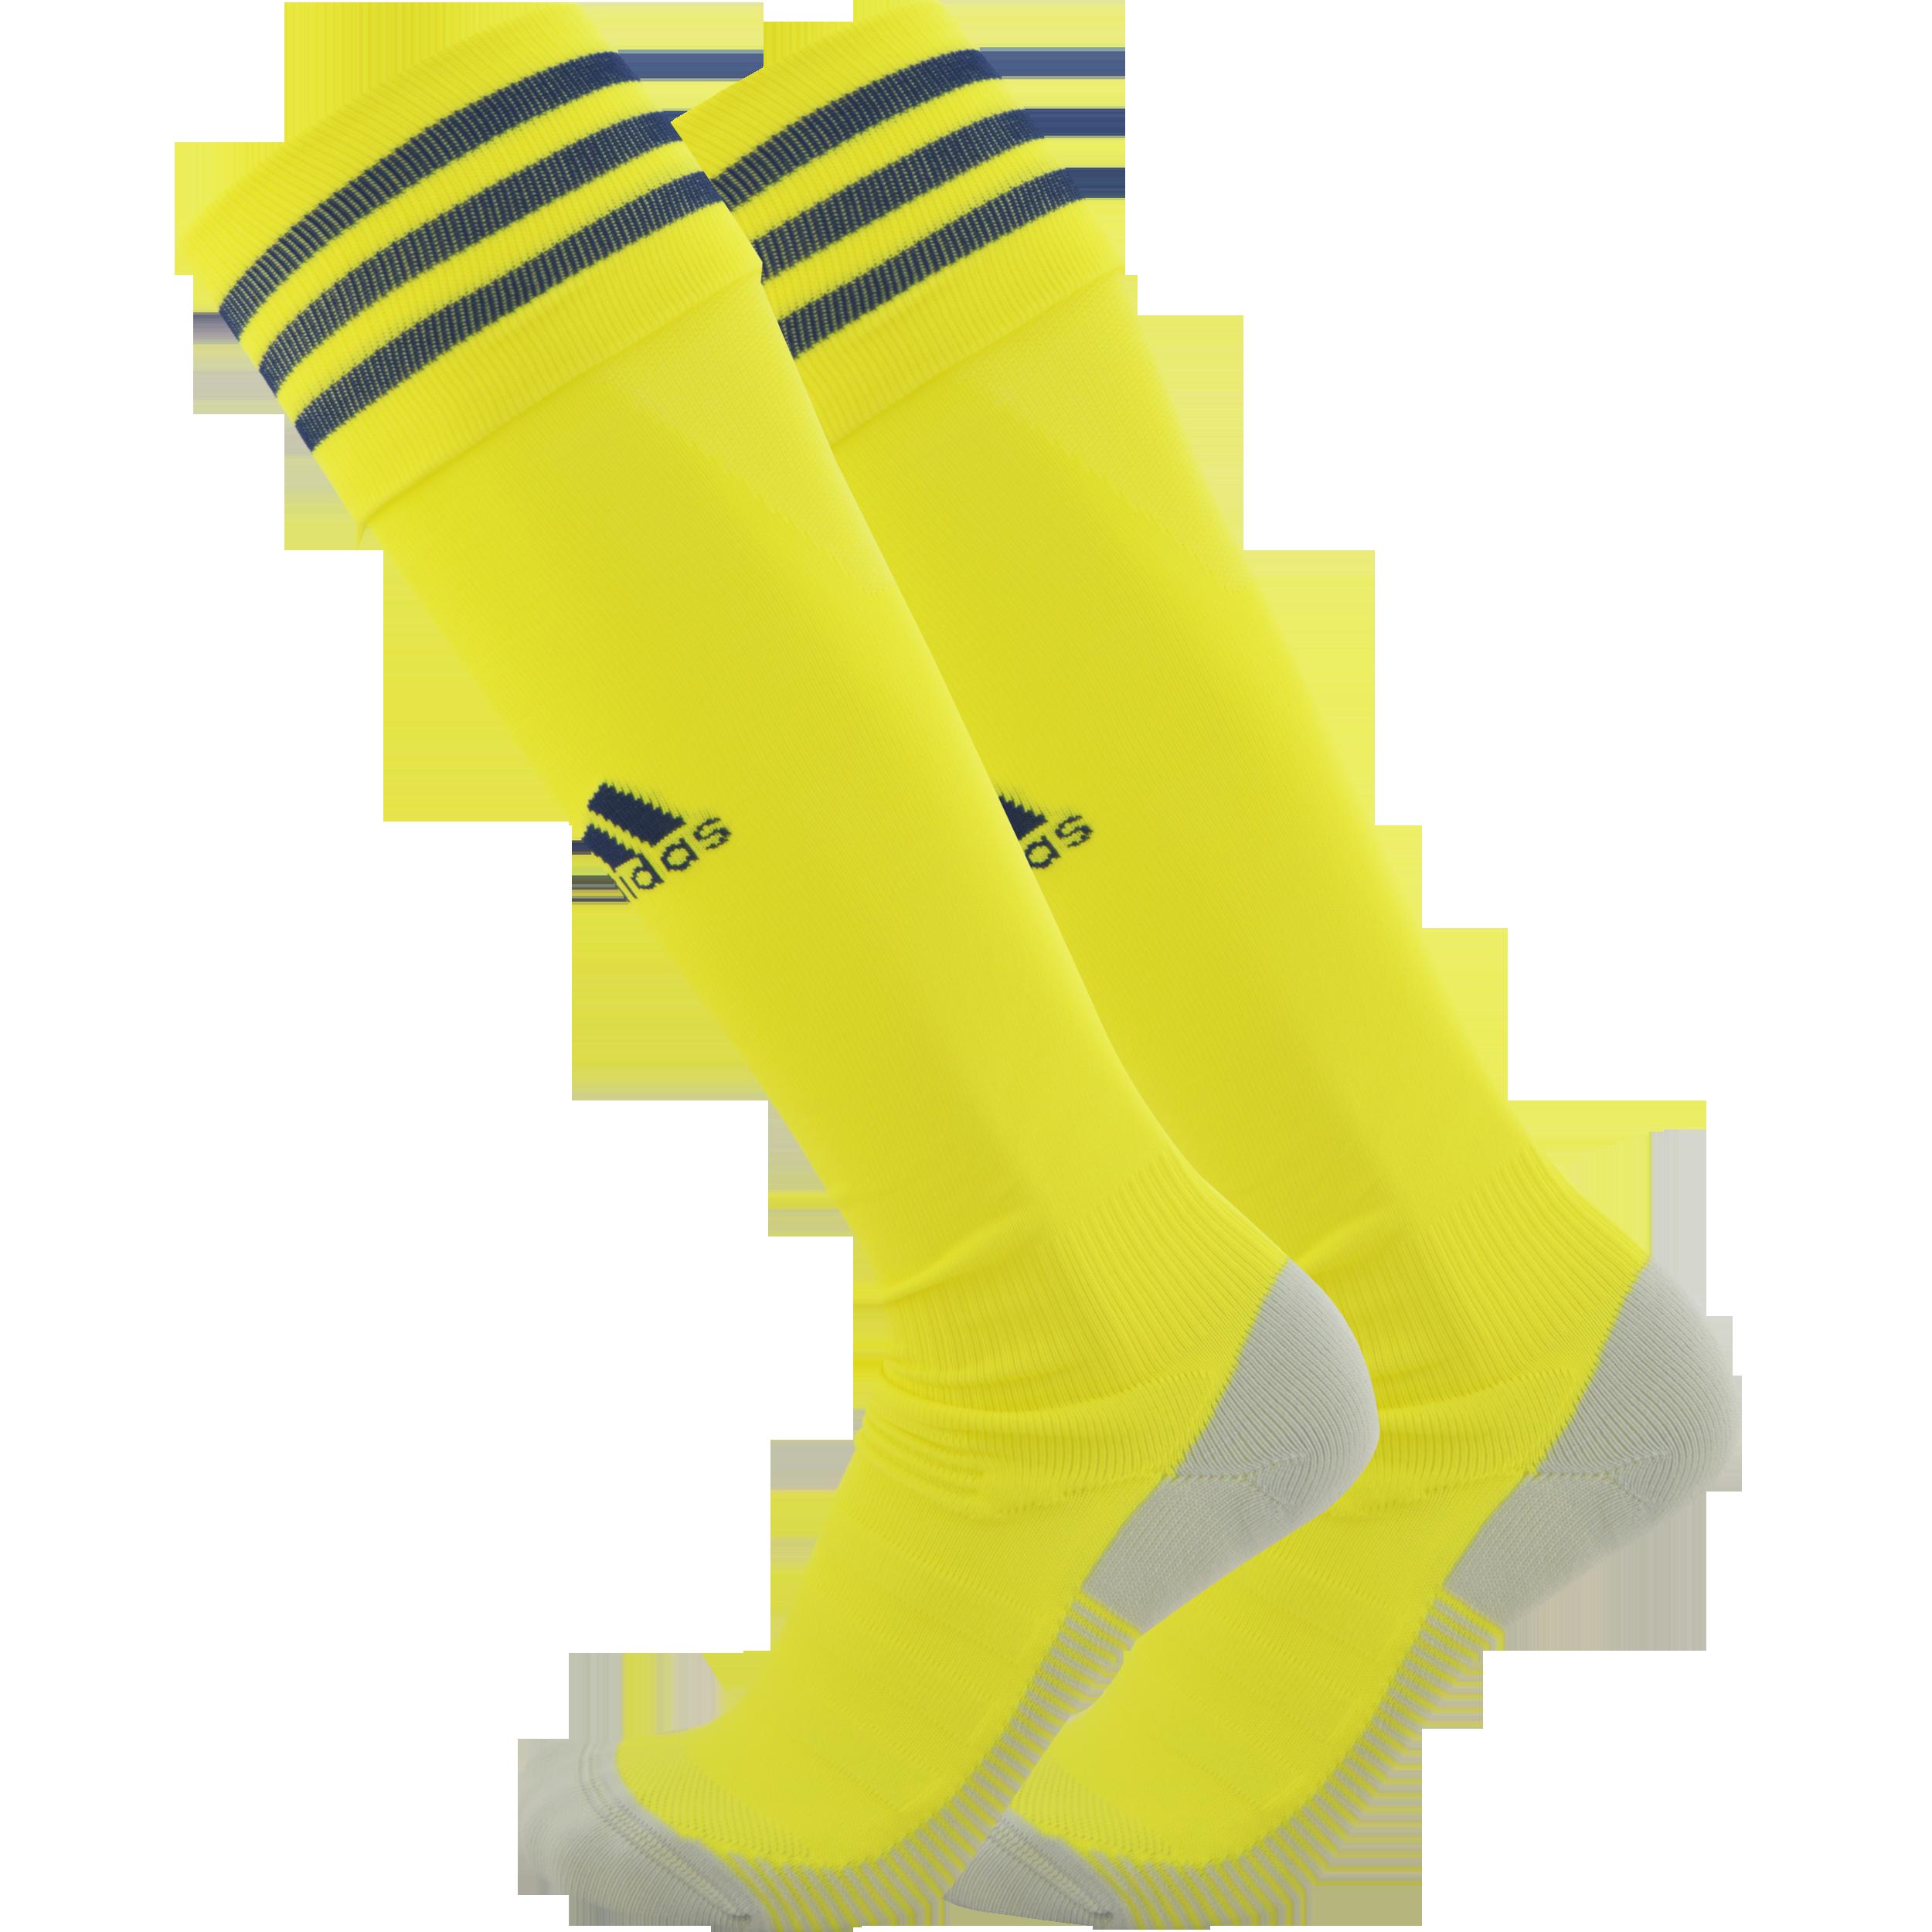 adidas AdiSock 18 Socks